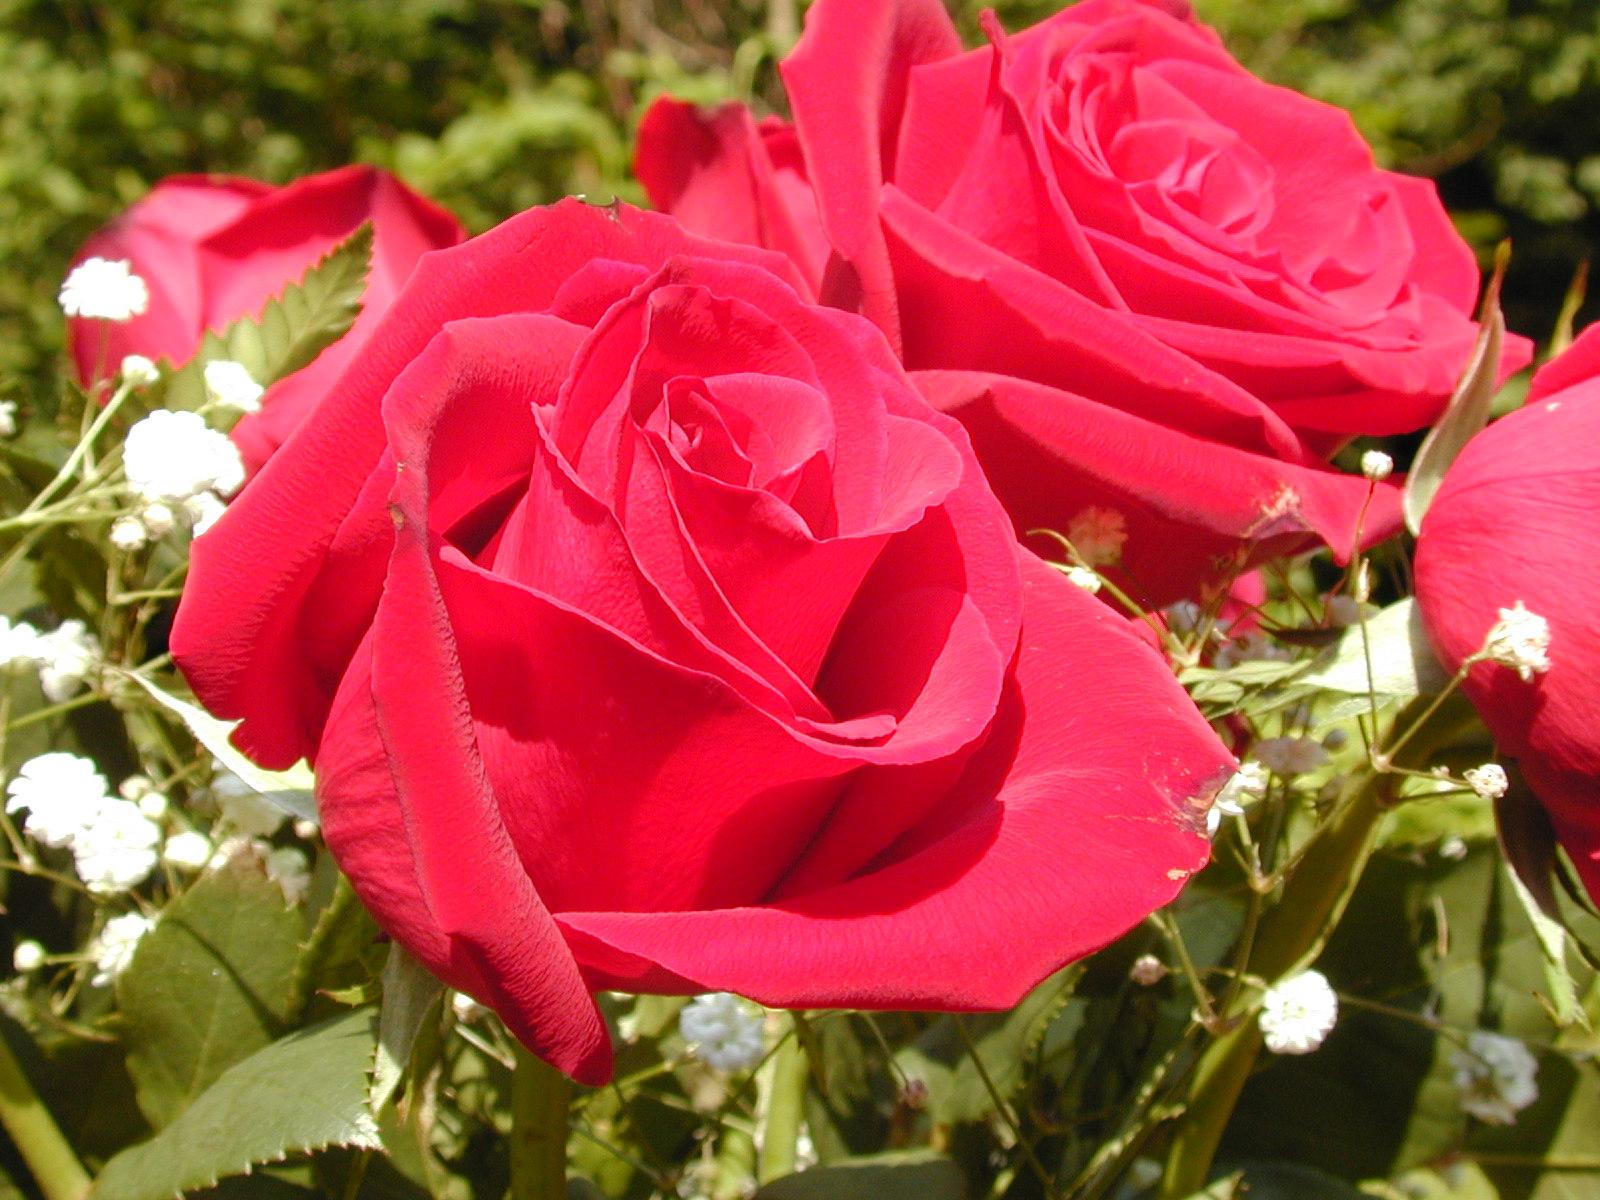 Allah Wallpaper Desktop 3d Beautiful Red Flowers Wallpapers Latest News